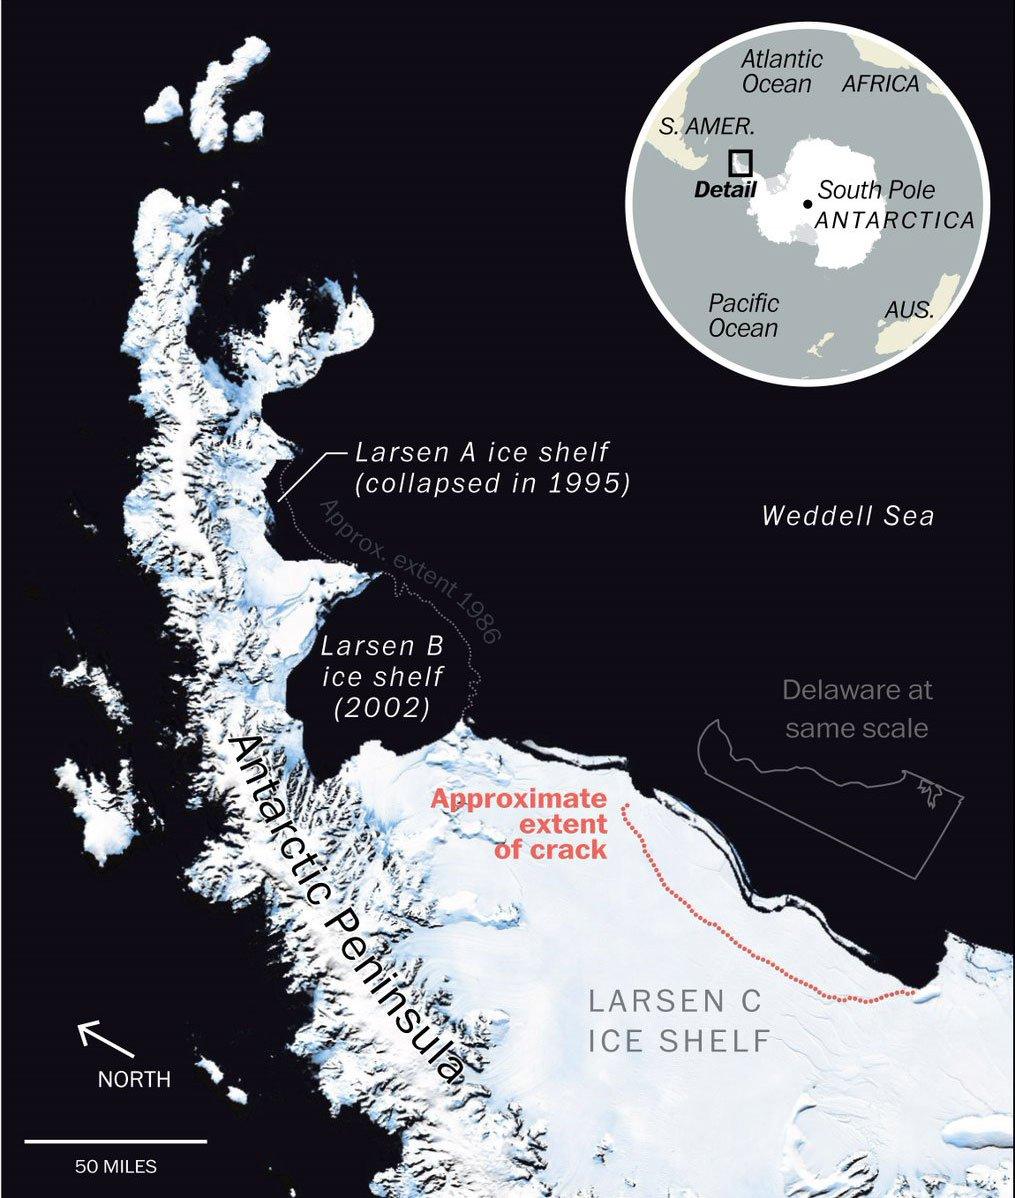 Спутники зафиксировали рождение мега-айсберга у берегов Антарктиды